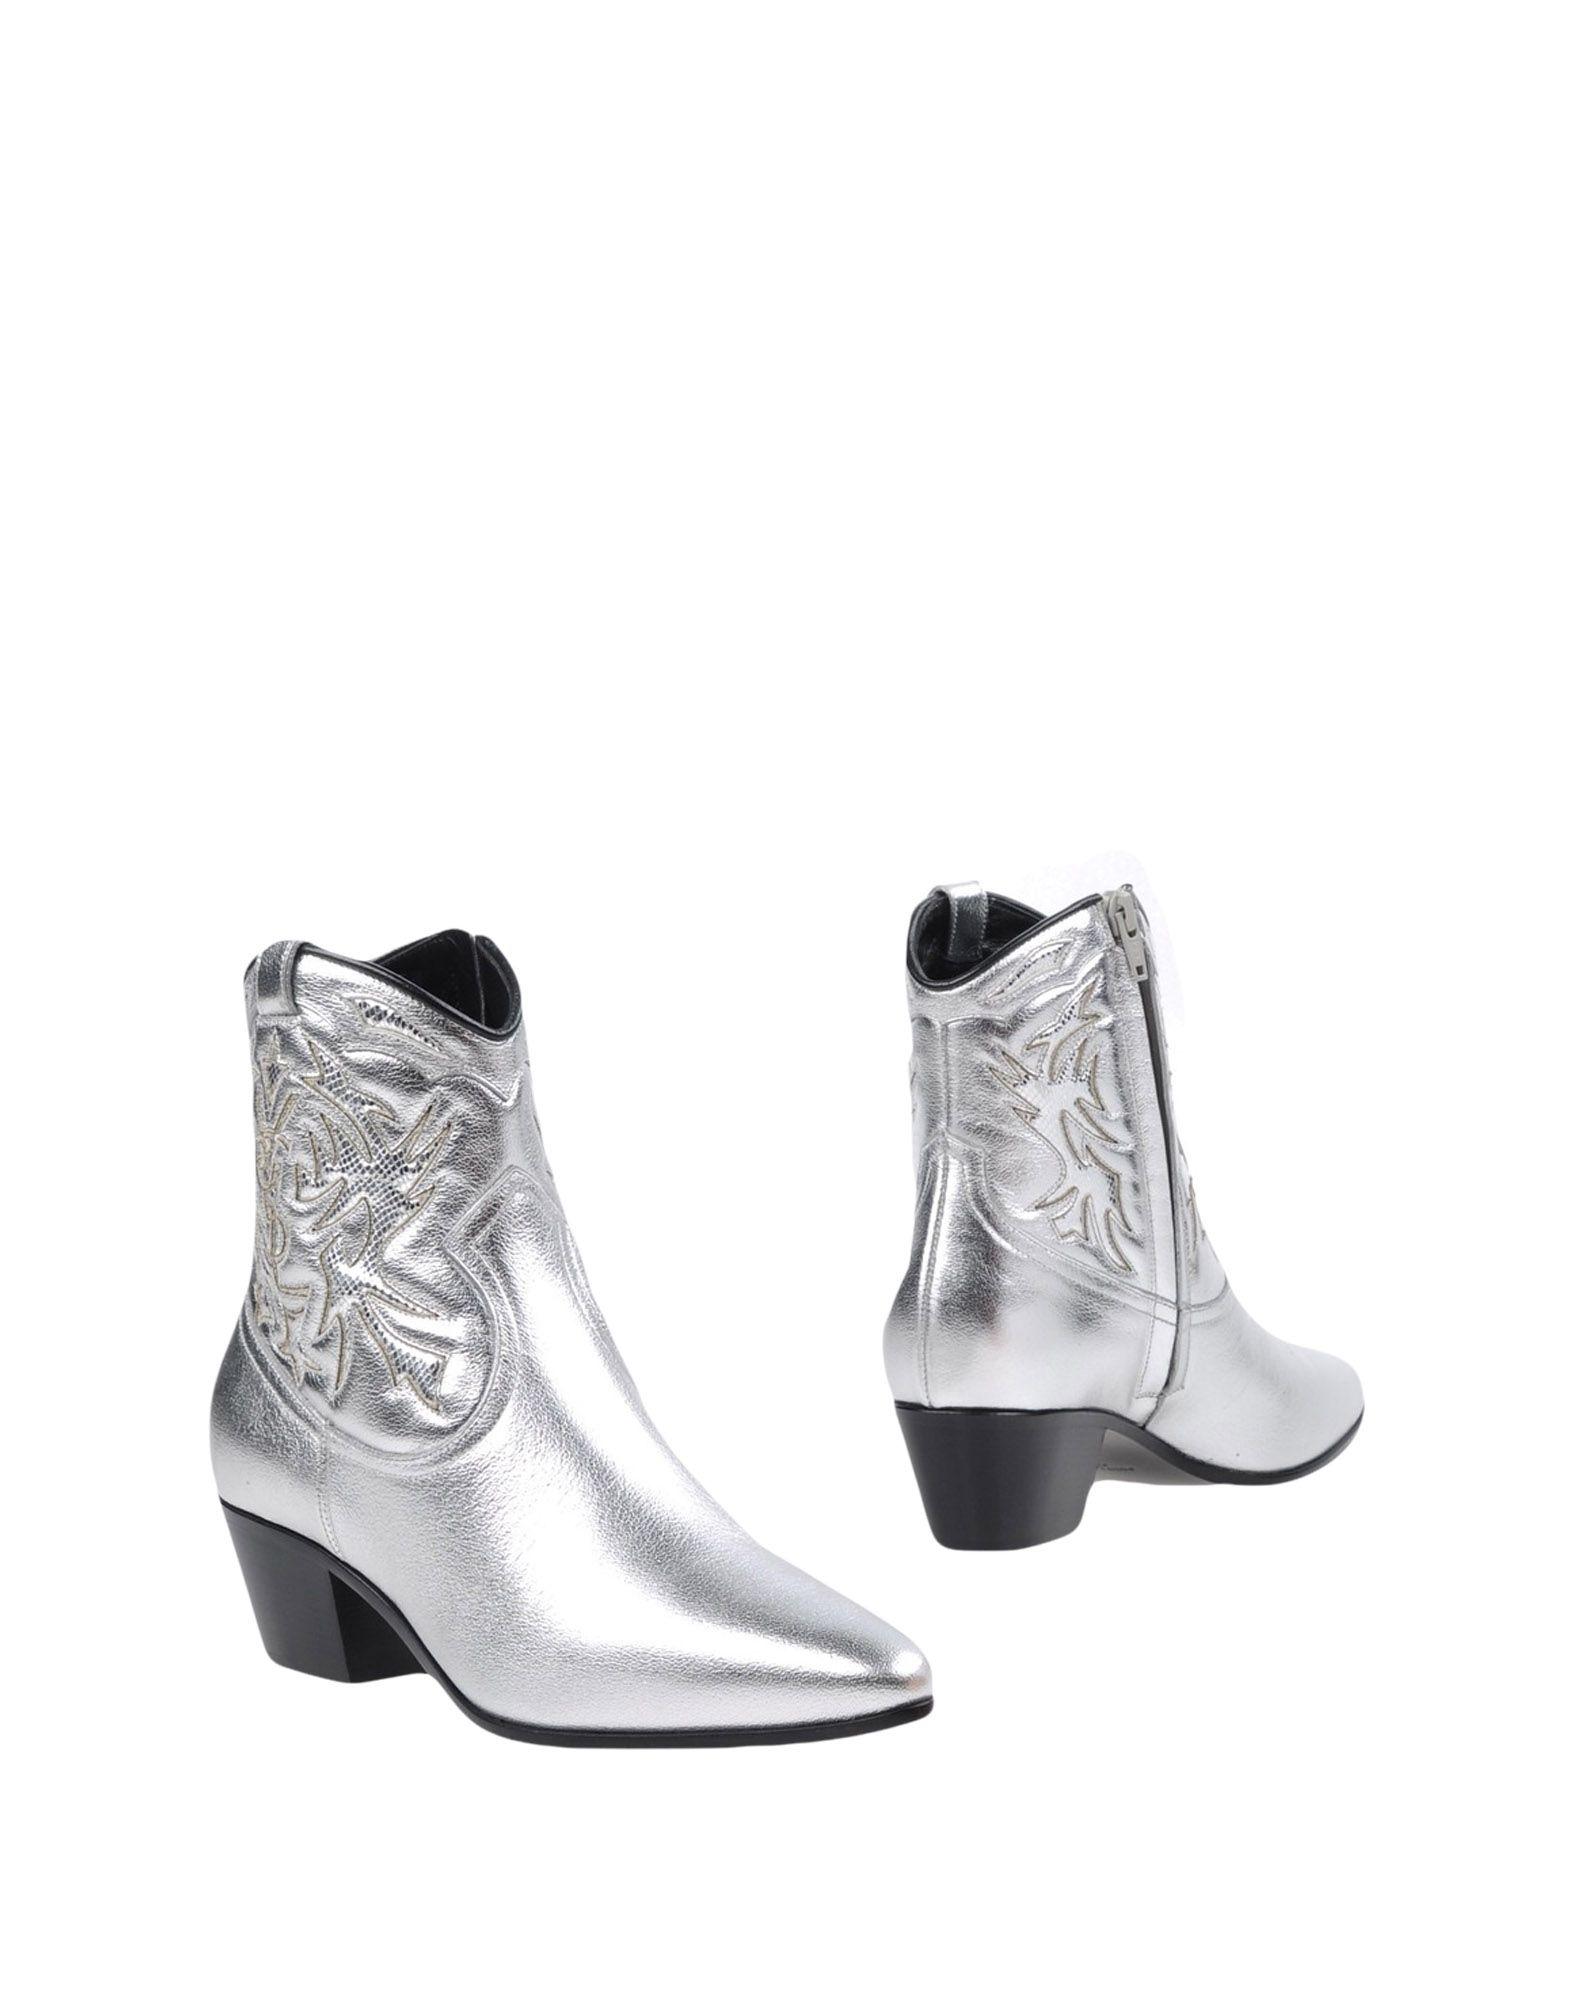 Saint Laurent Stiefelette Damen  11363103HLGünstige gut aussehende Schuhe